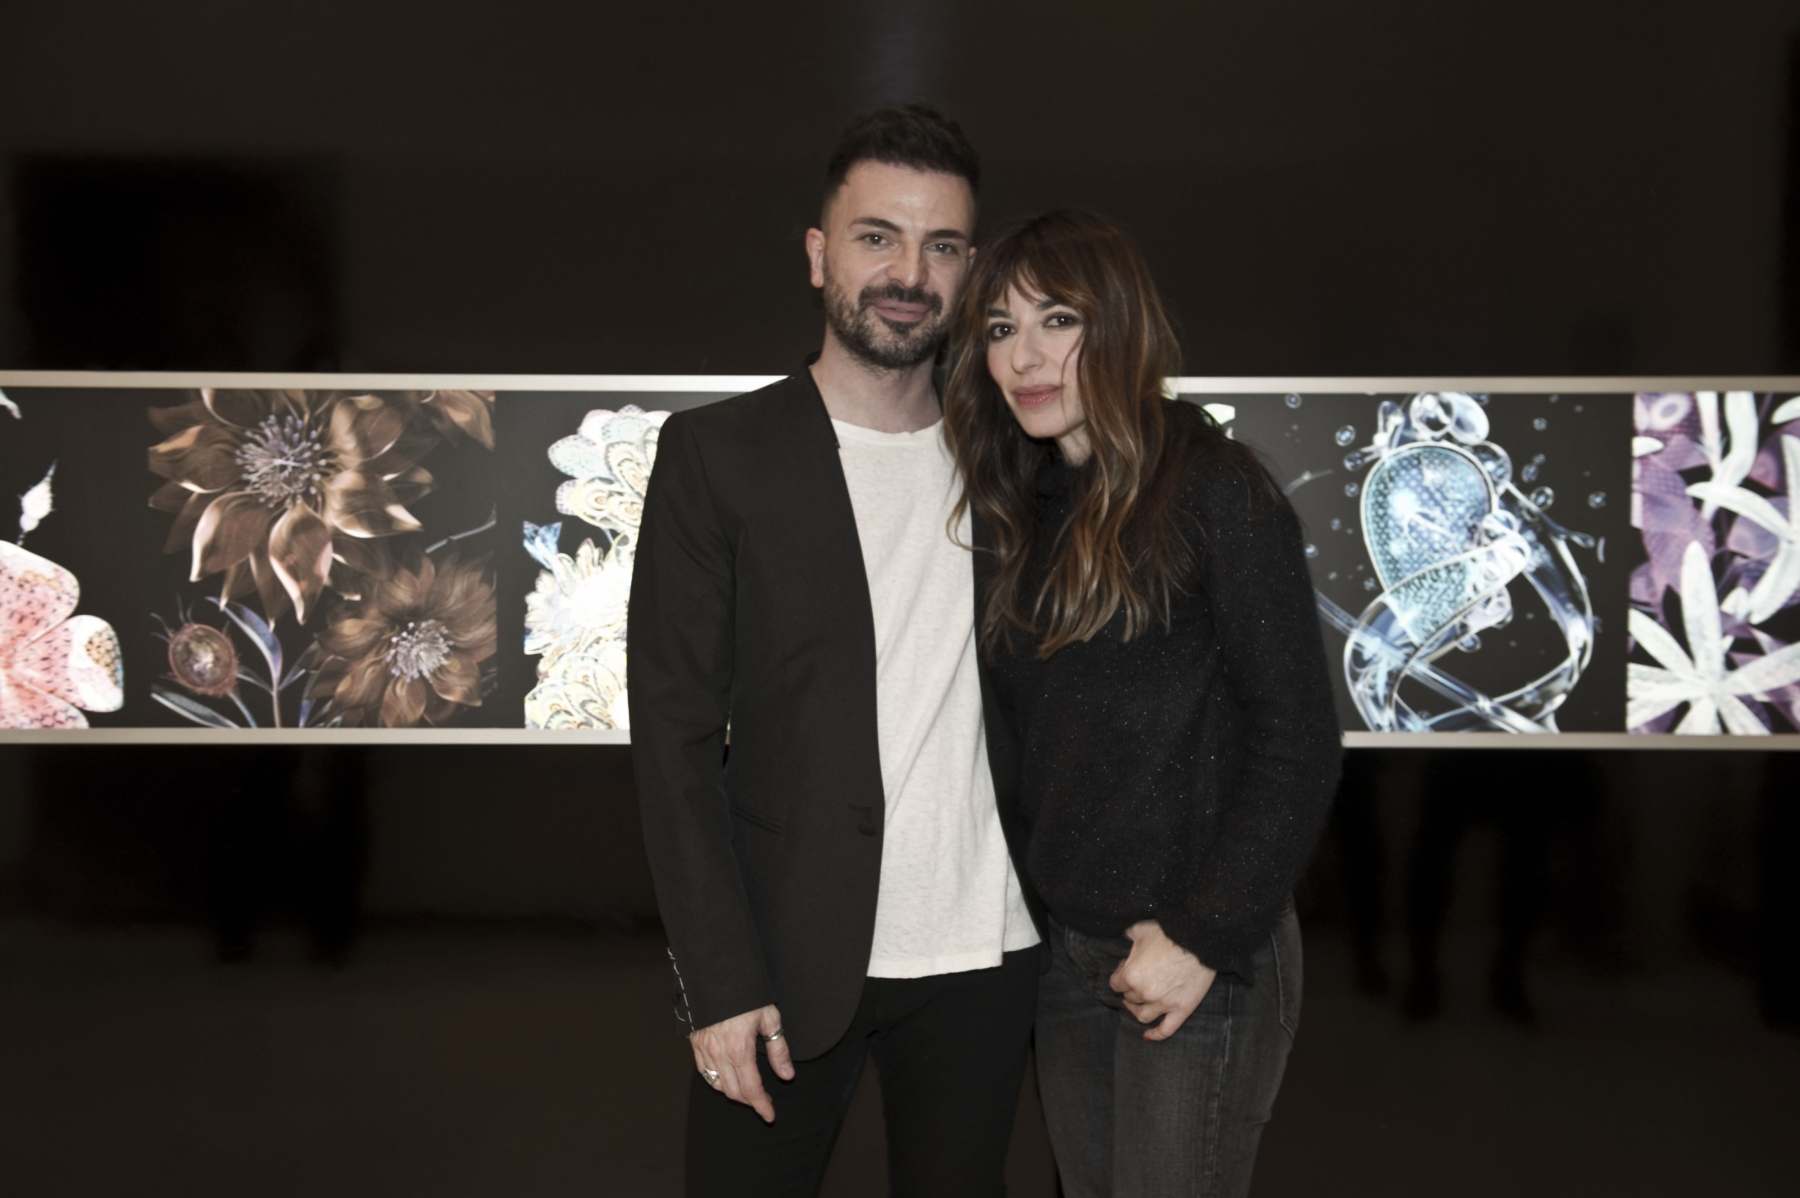 Siomne Belli e Sabrina Impacciatore